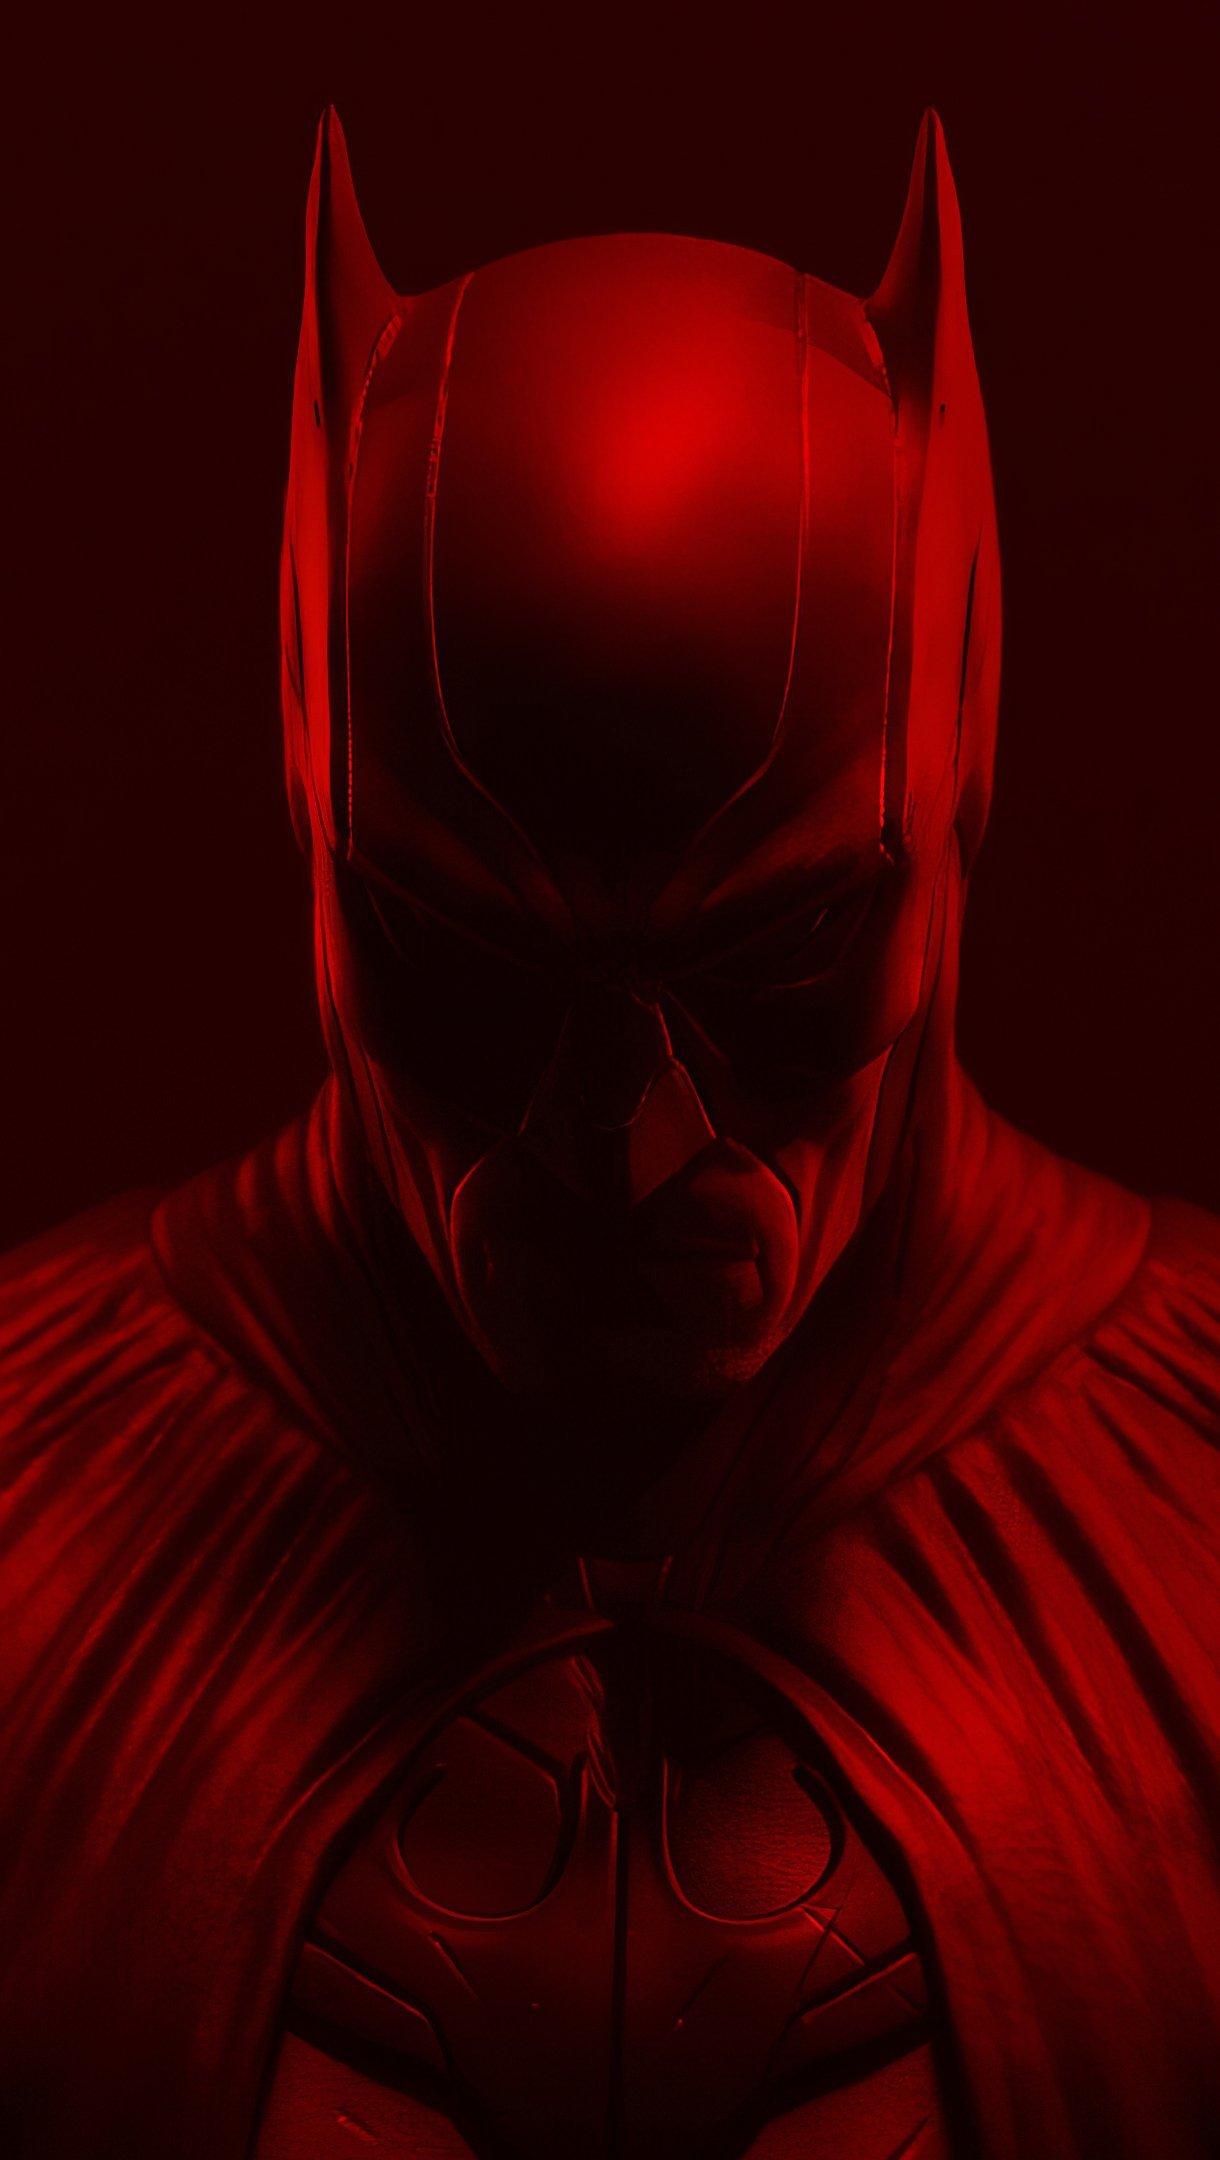 Wallpaper Red Batman Vertical